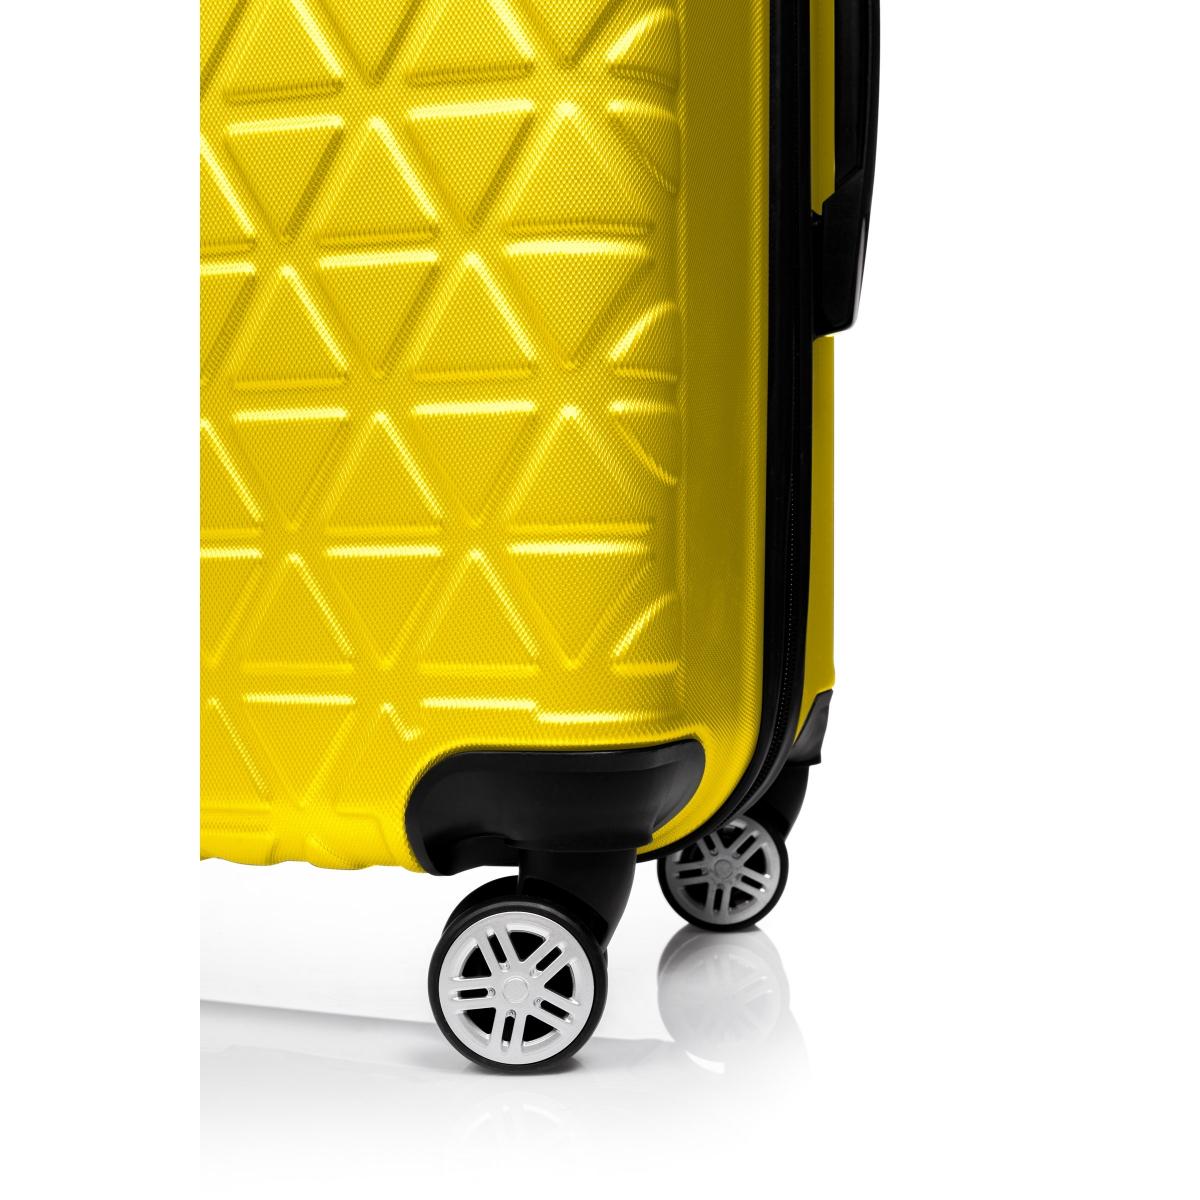 Gedox Abs 3'lü Valiz Seyahat Seti - Model:800.12 Sarı